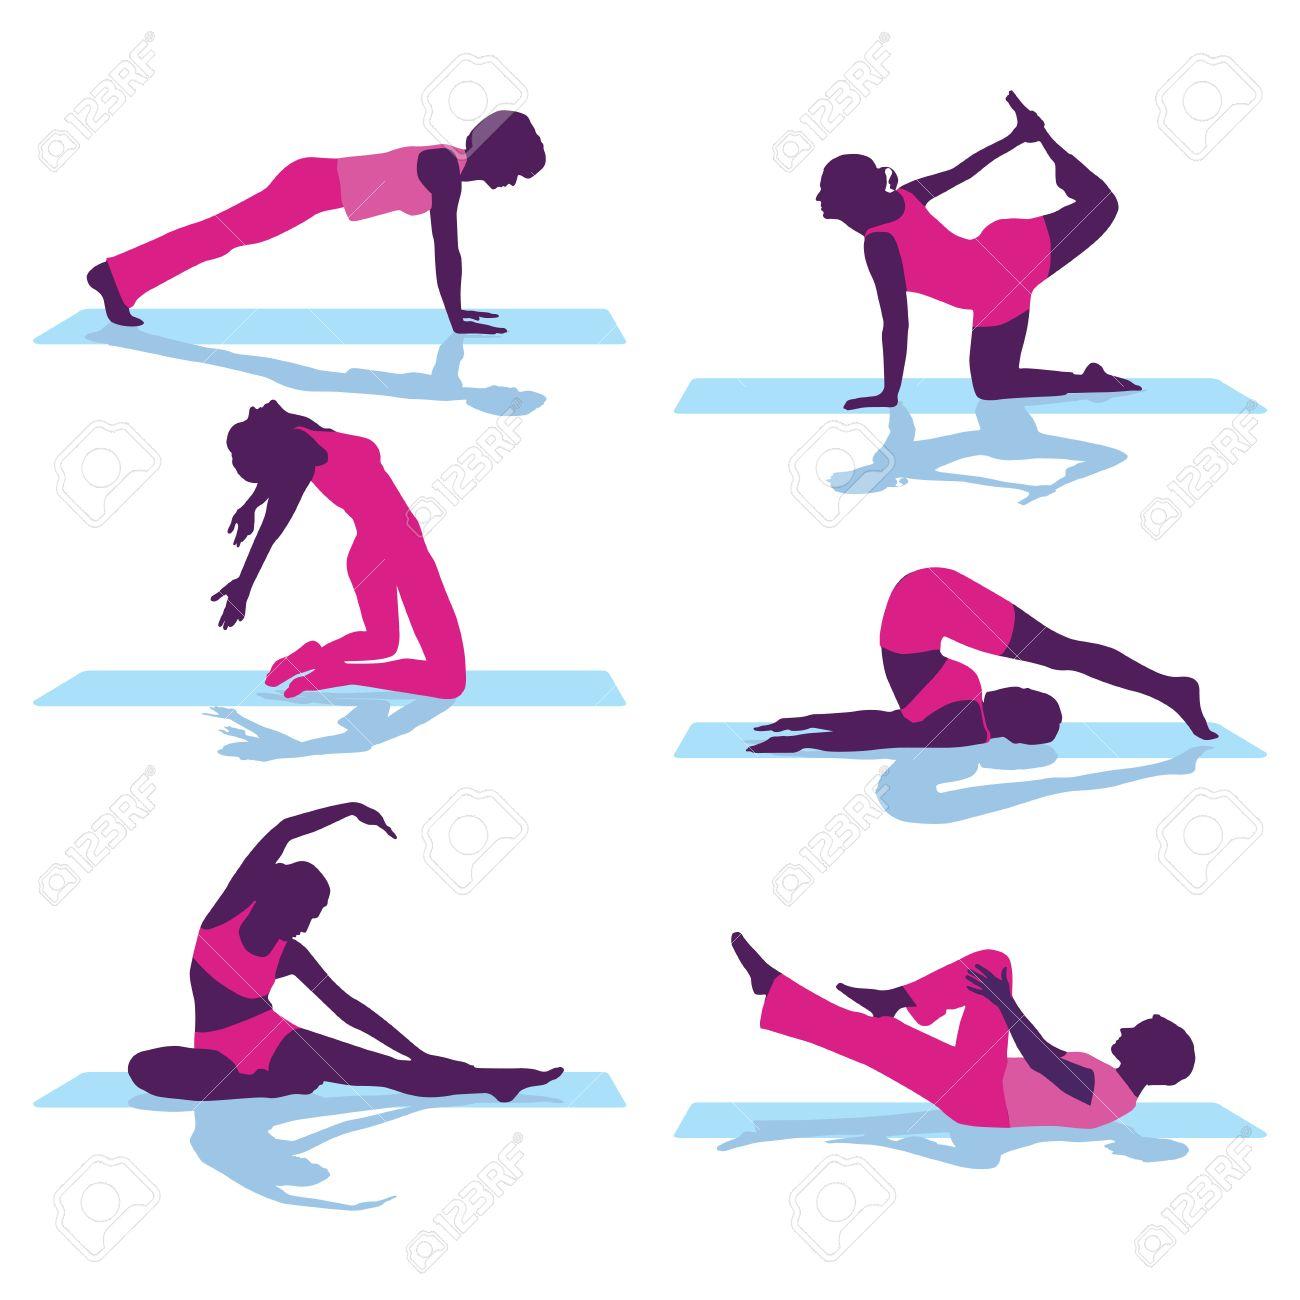 Exercices pour le dos, gymnastique au sol isolé